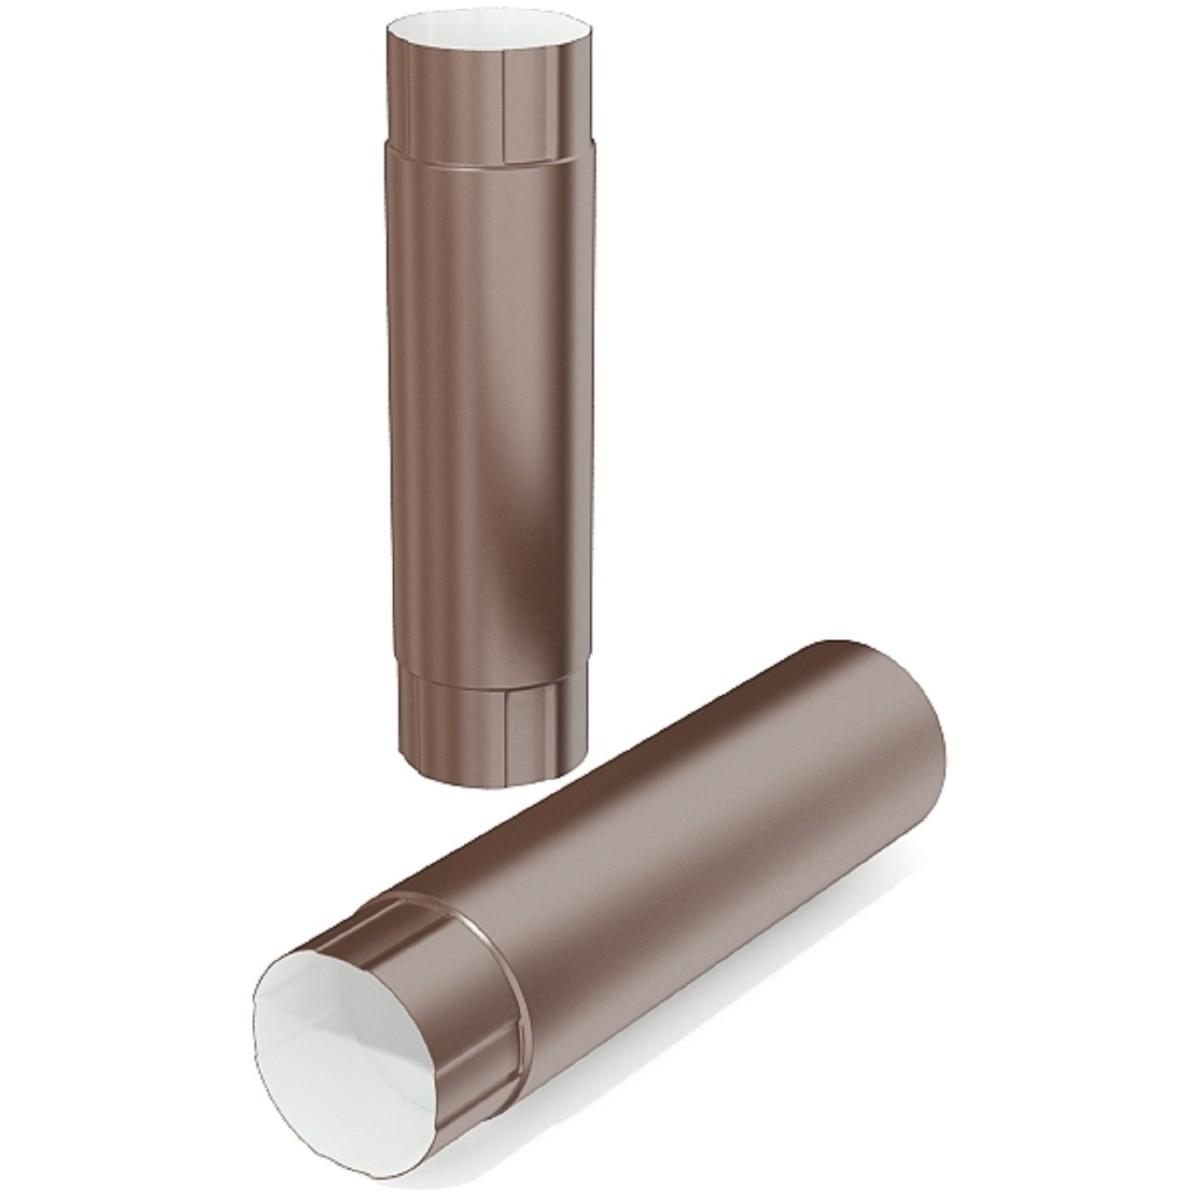 Труба водосточная 100x3000 мм цвет коричневый